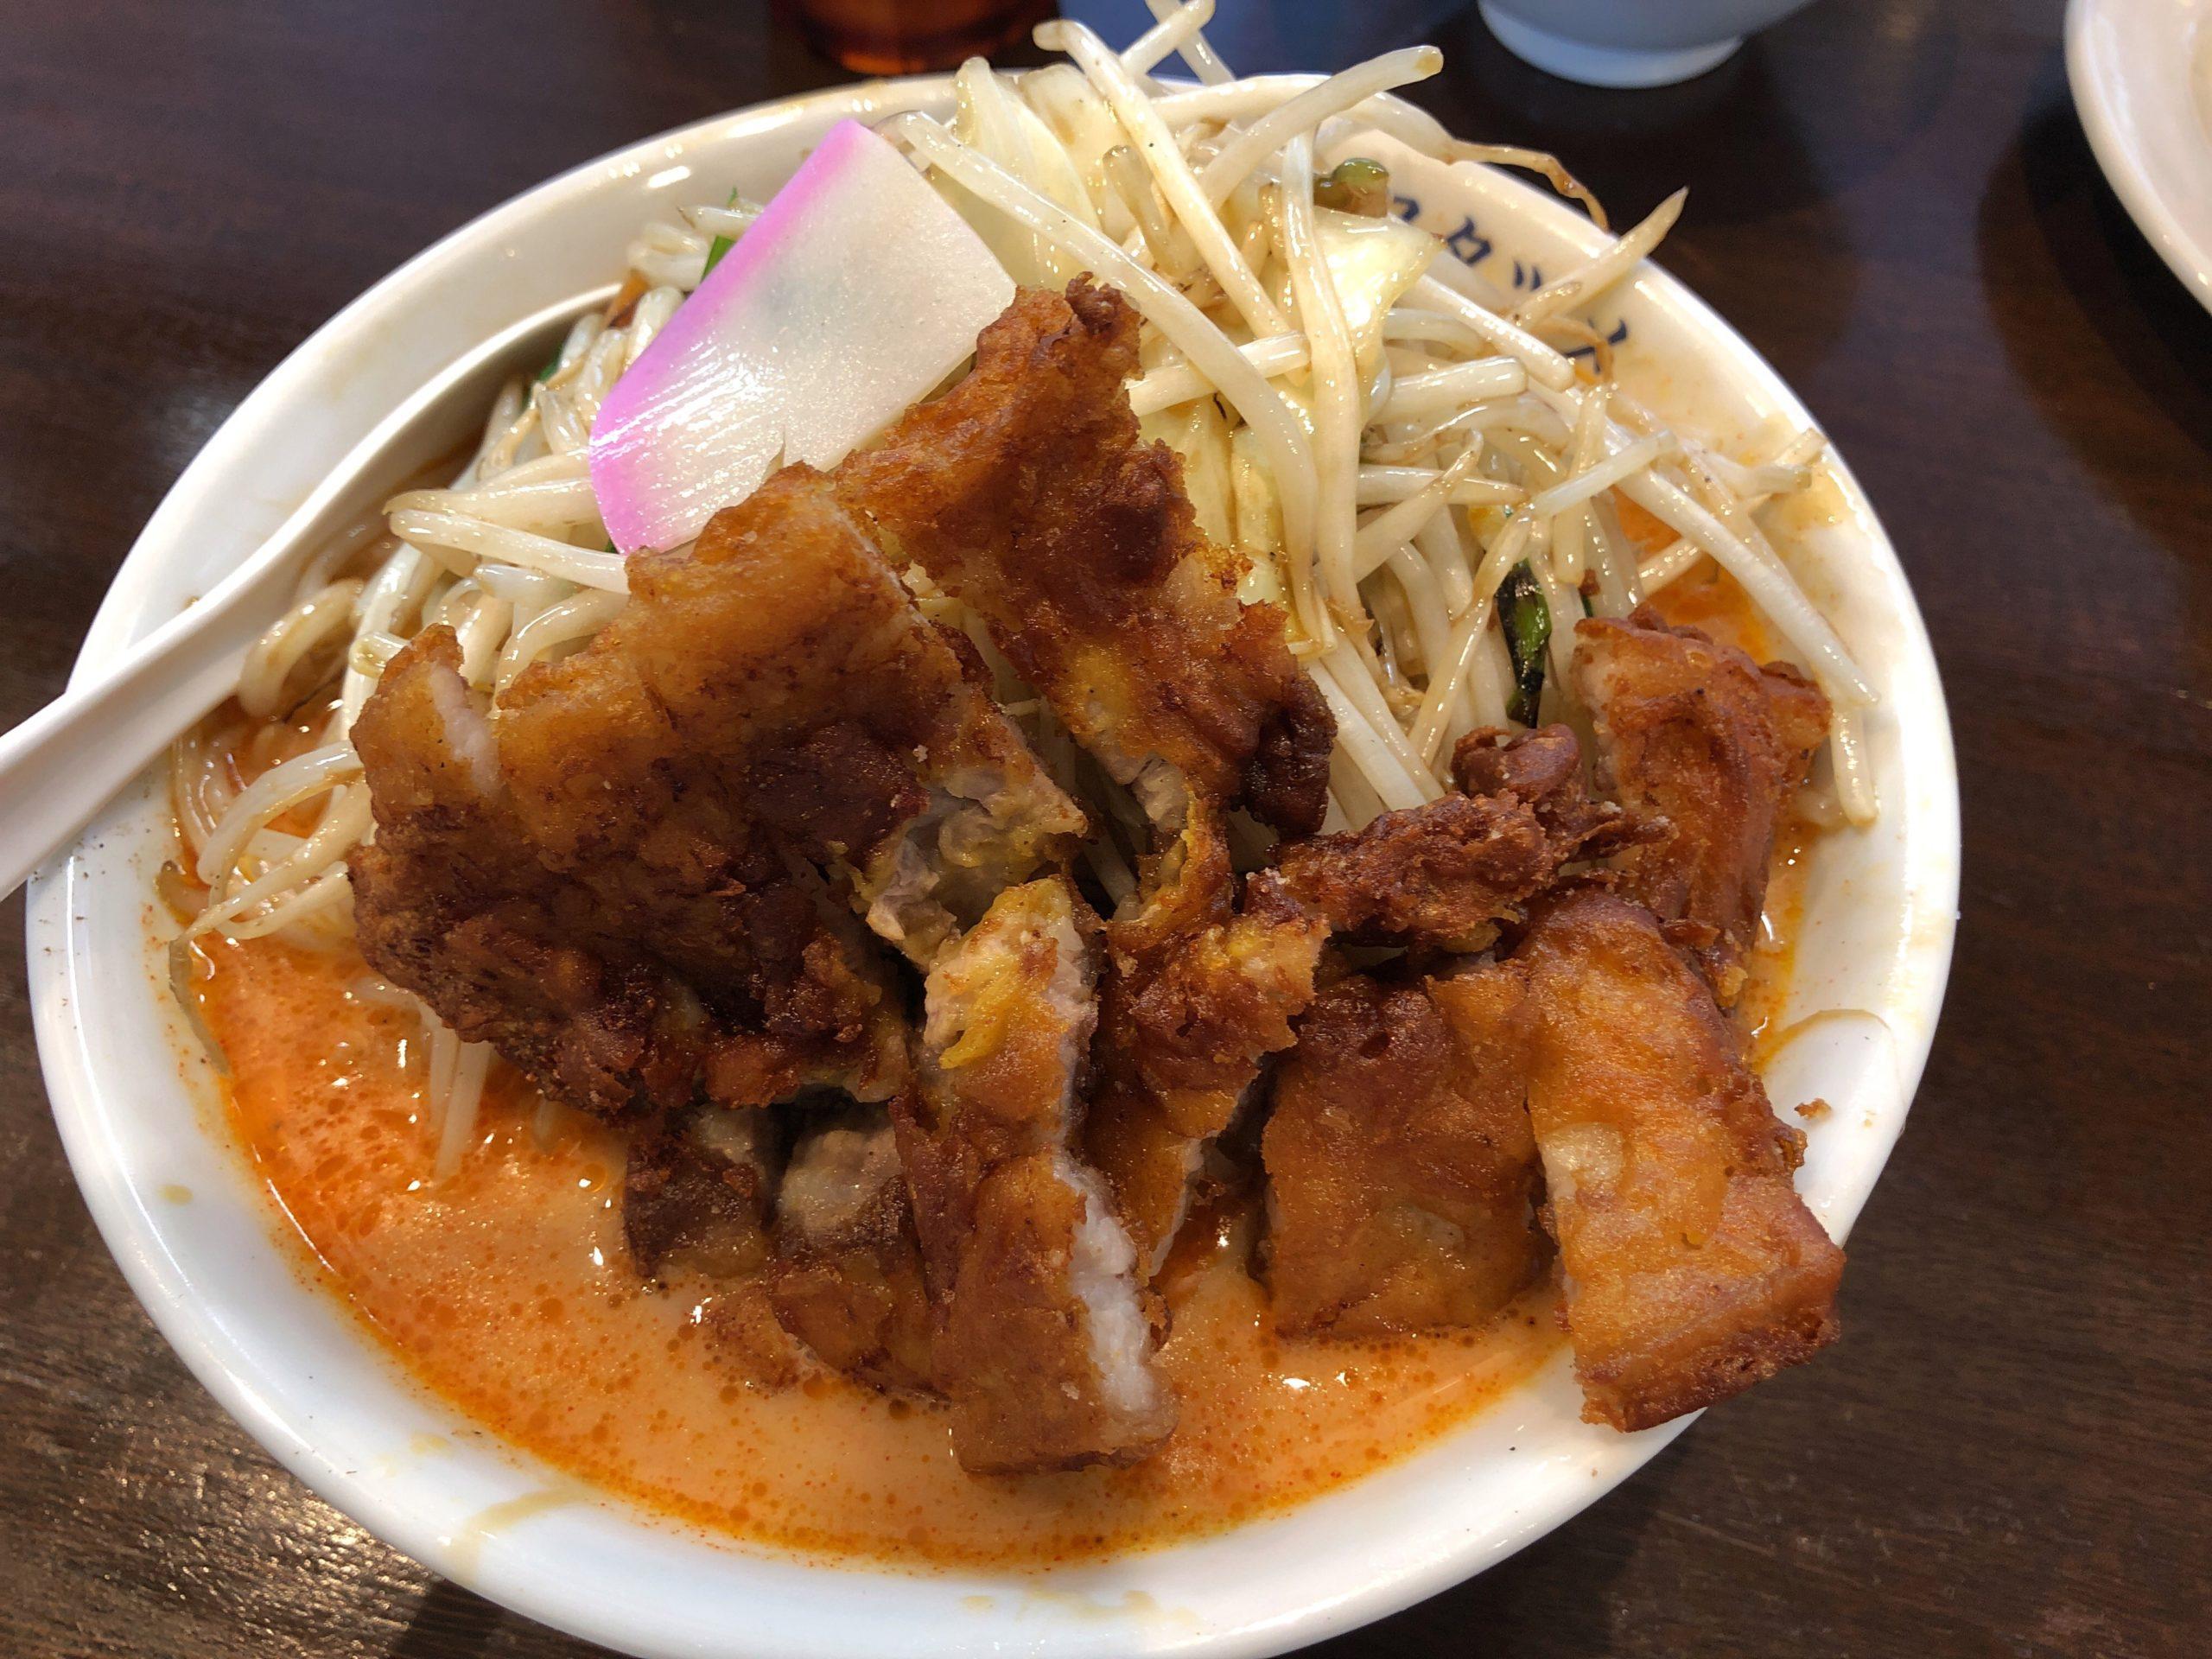 群馬・新潟で人気の「フタツメ」が12月10日に宇都宮越戸店をオープン、人気の排骨麺と特大唐揚げを食べてきた